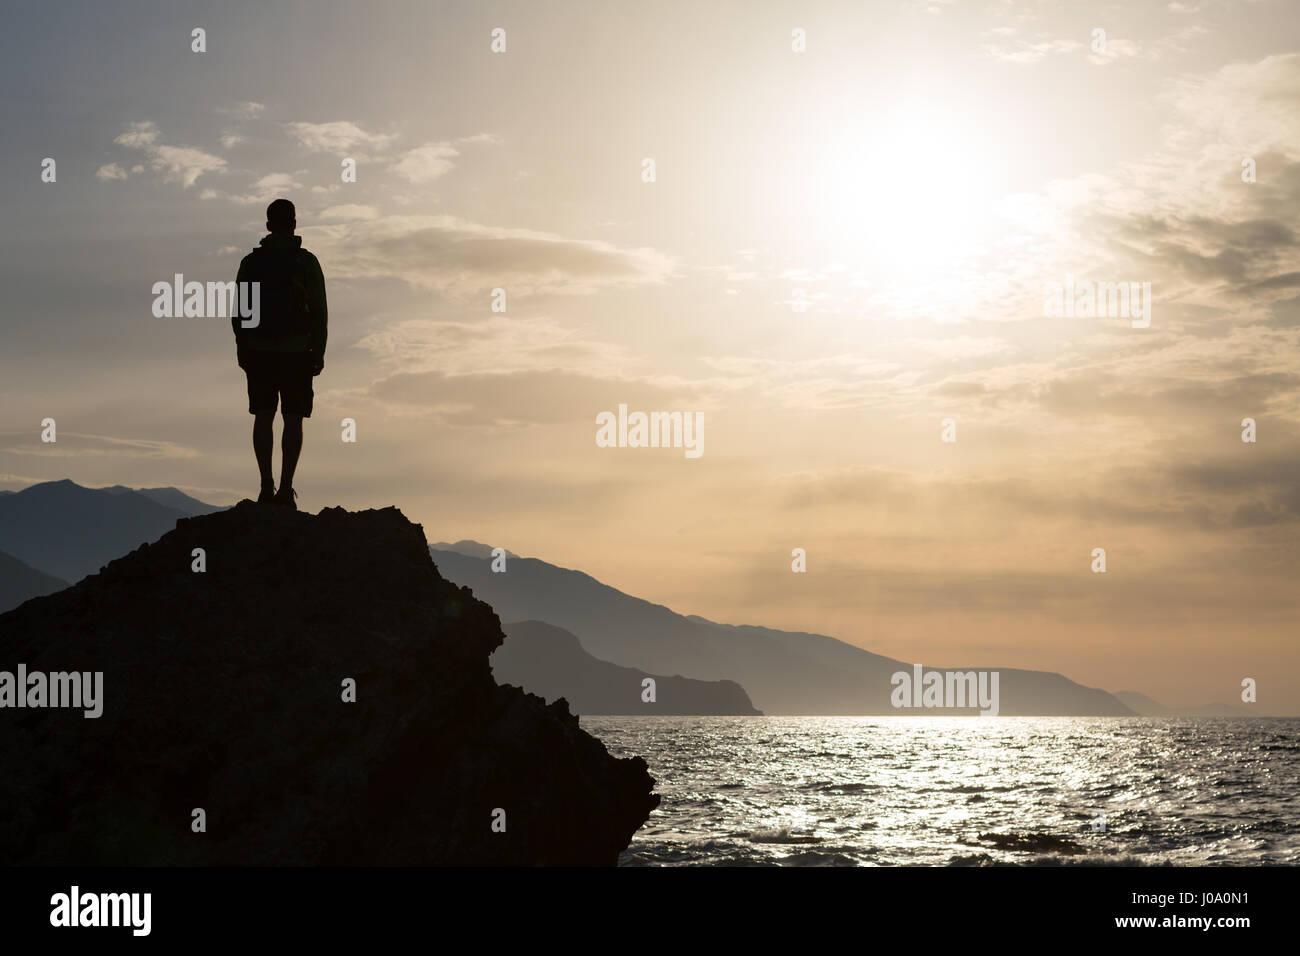 Escursionista o runner silhouette backpacker, un uomo in cerca di ispirazione paesaggio oceano e isole sul picco Immagini Stock